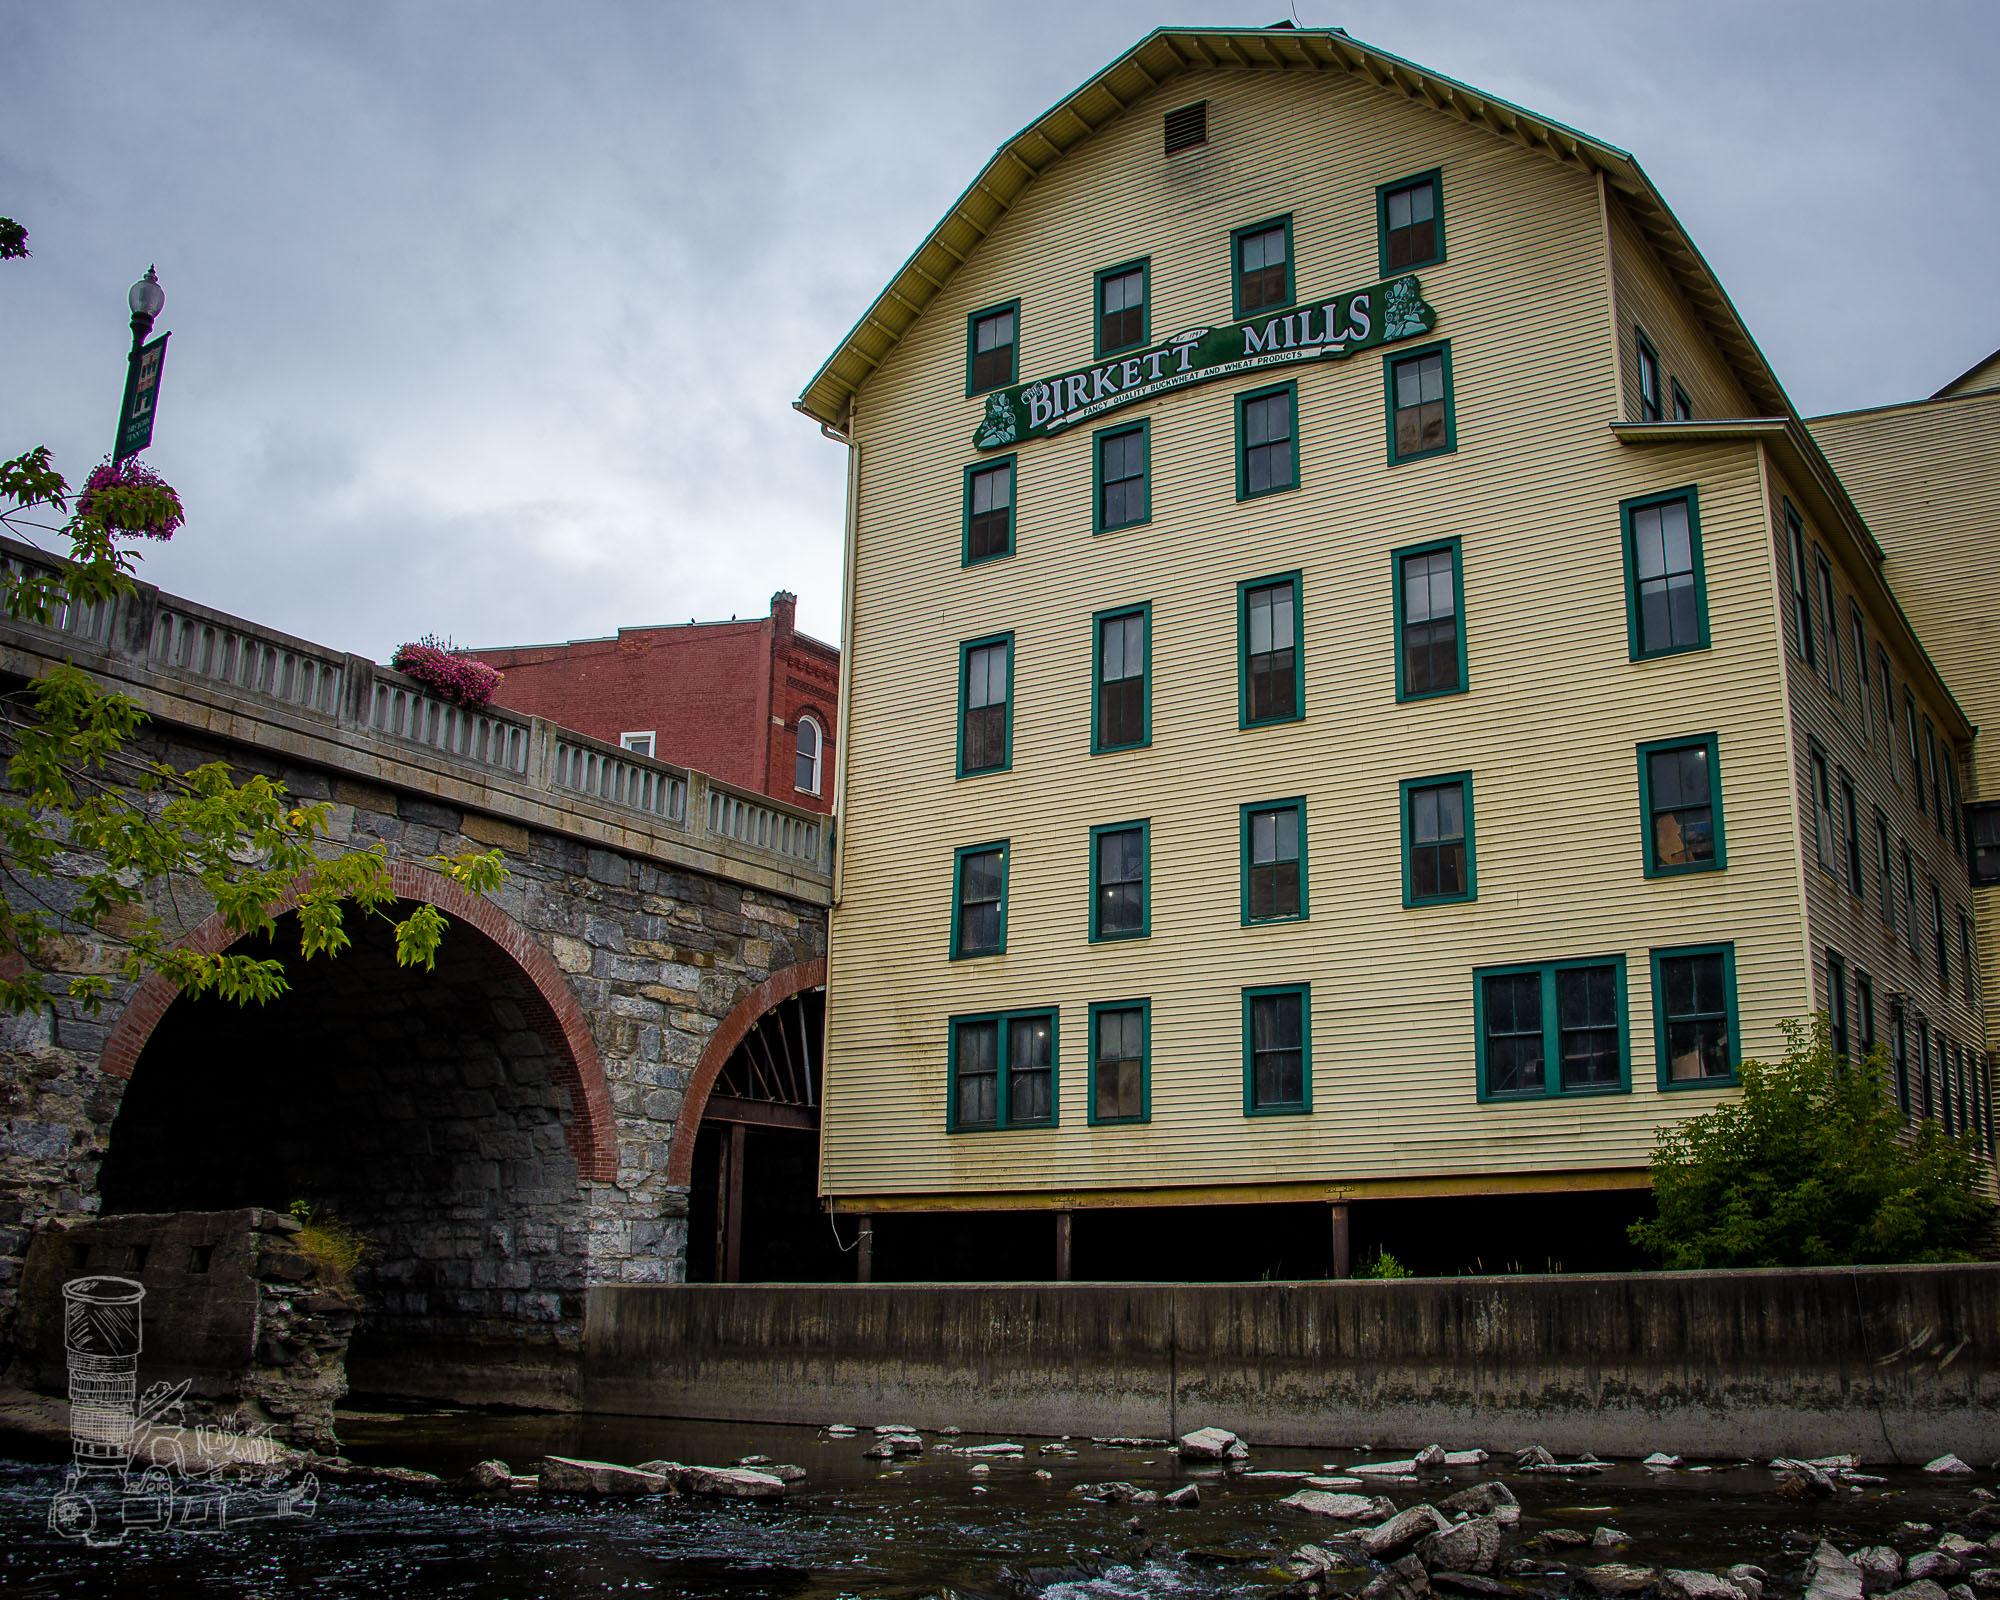 Birkett Mills